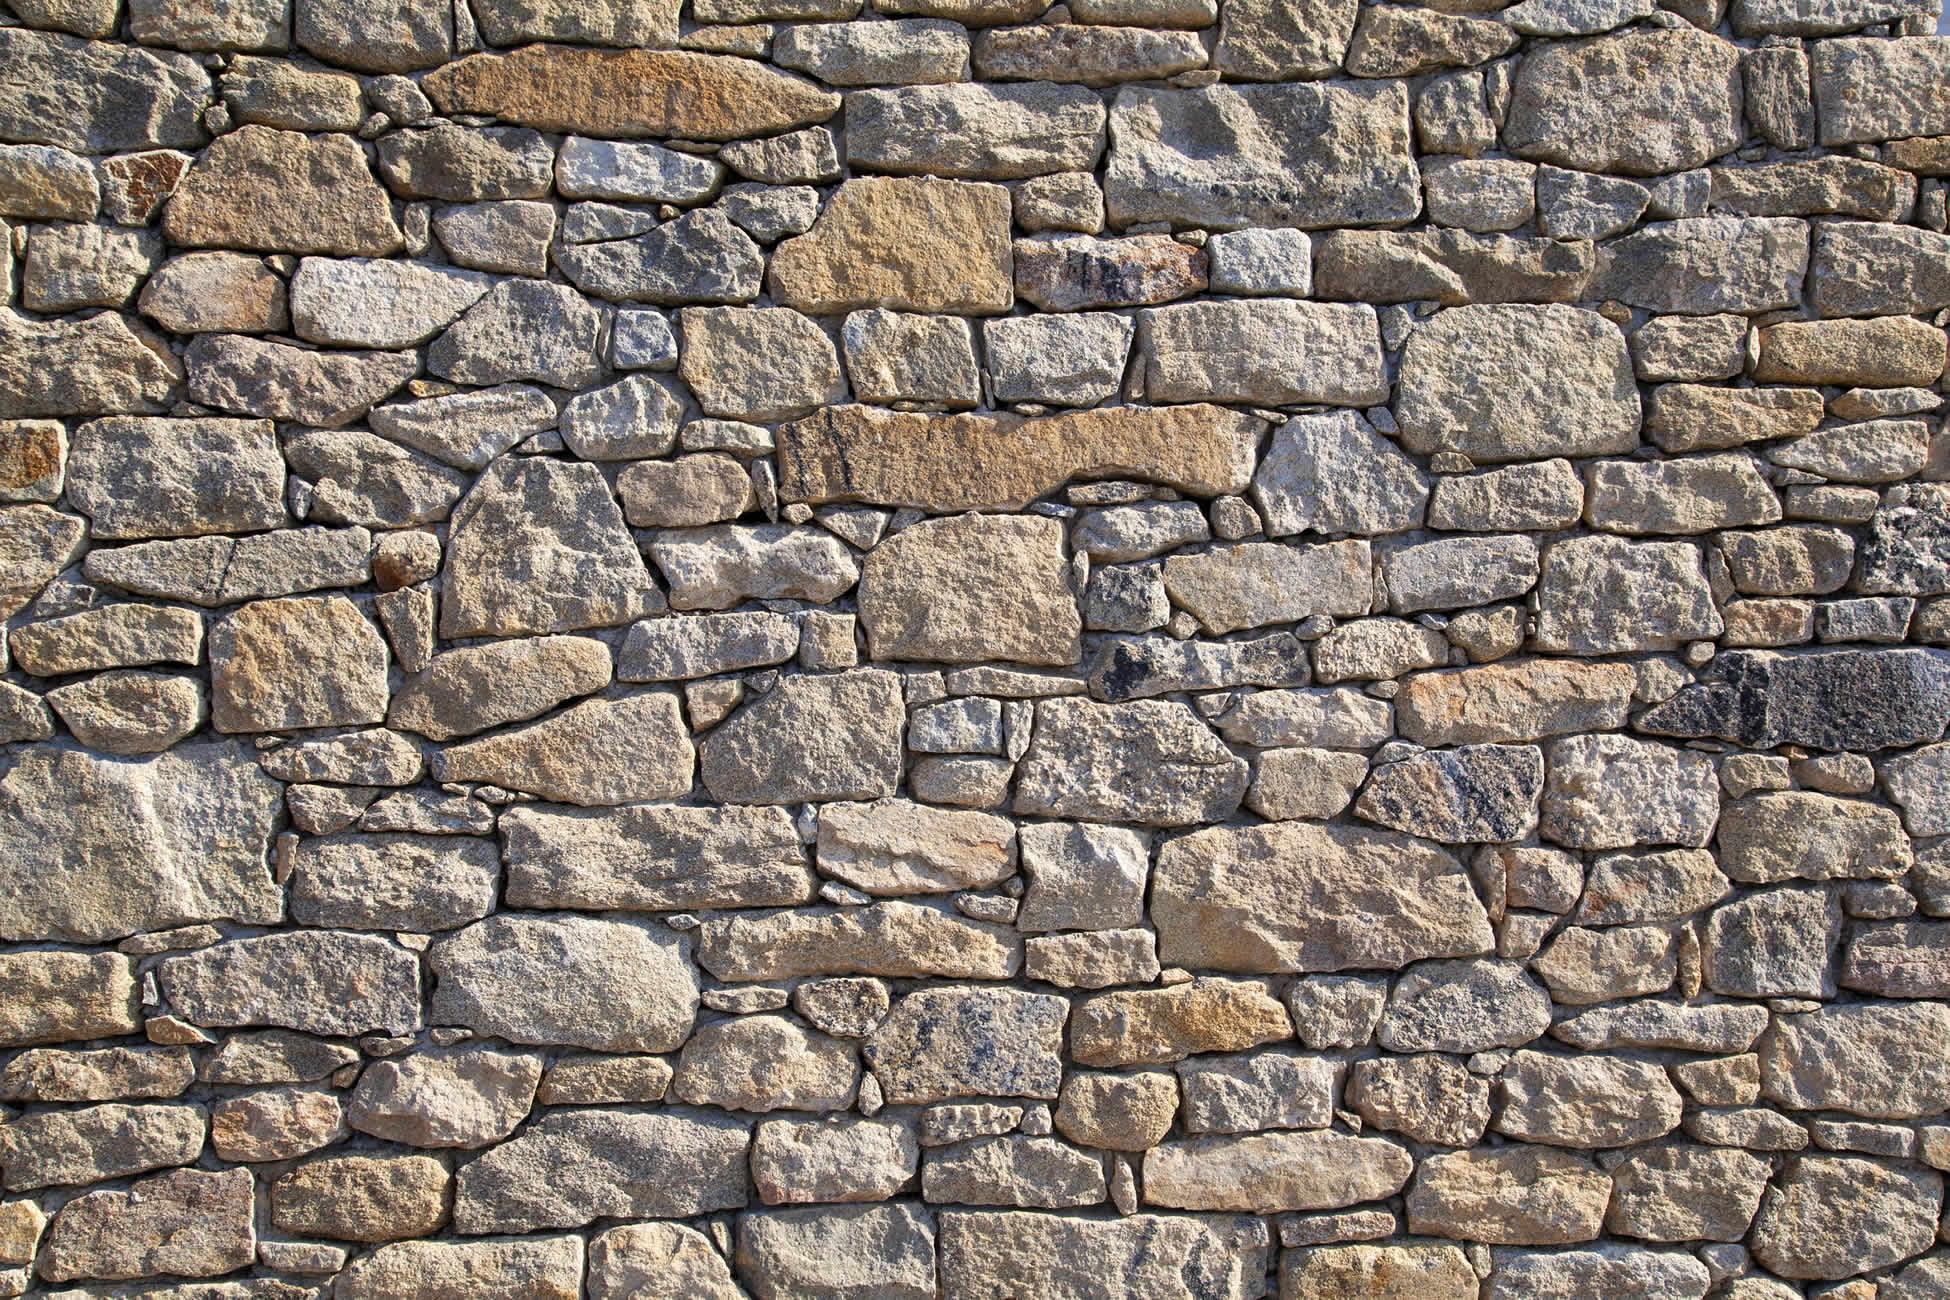 Thorwart landschaften gartenplege pflasterarbeiten r srath - Gartenmauer fertigteile ...